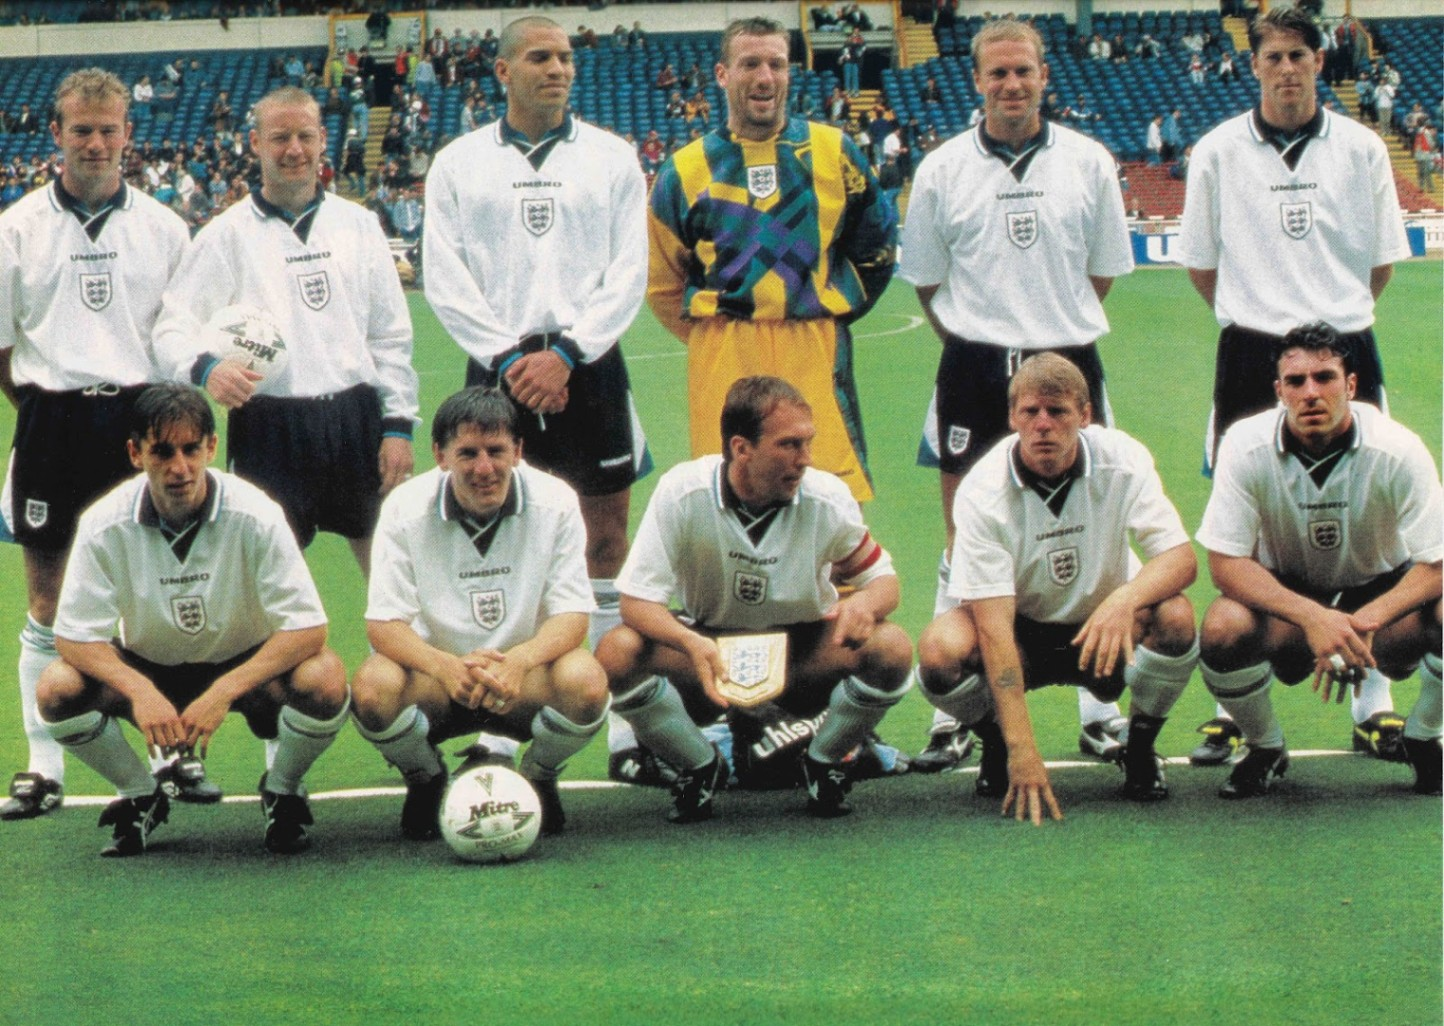 Copa Umbro de 1995 - Relembre essa competição histórica de seleções